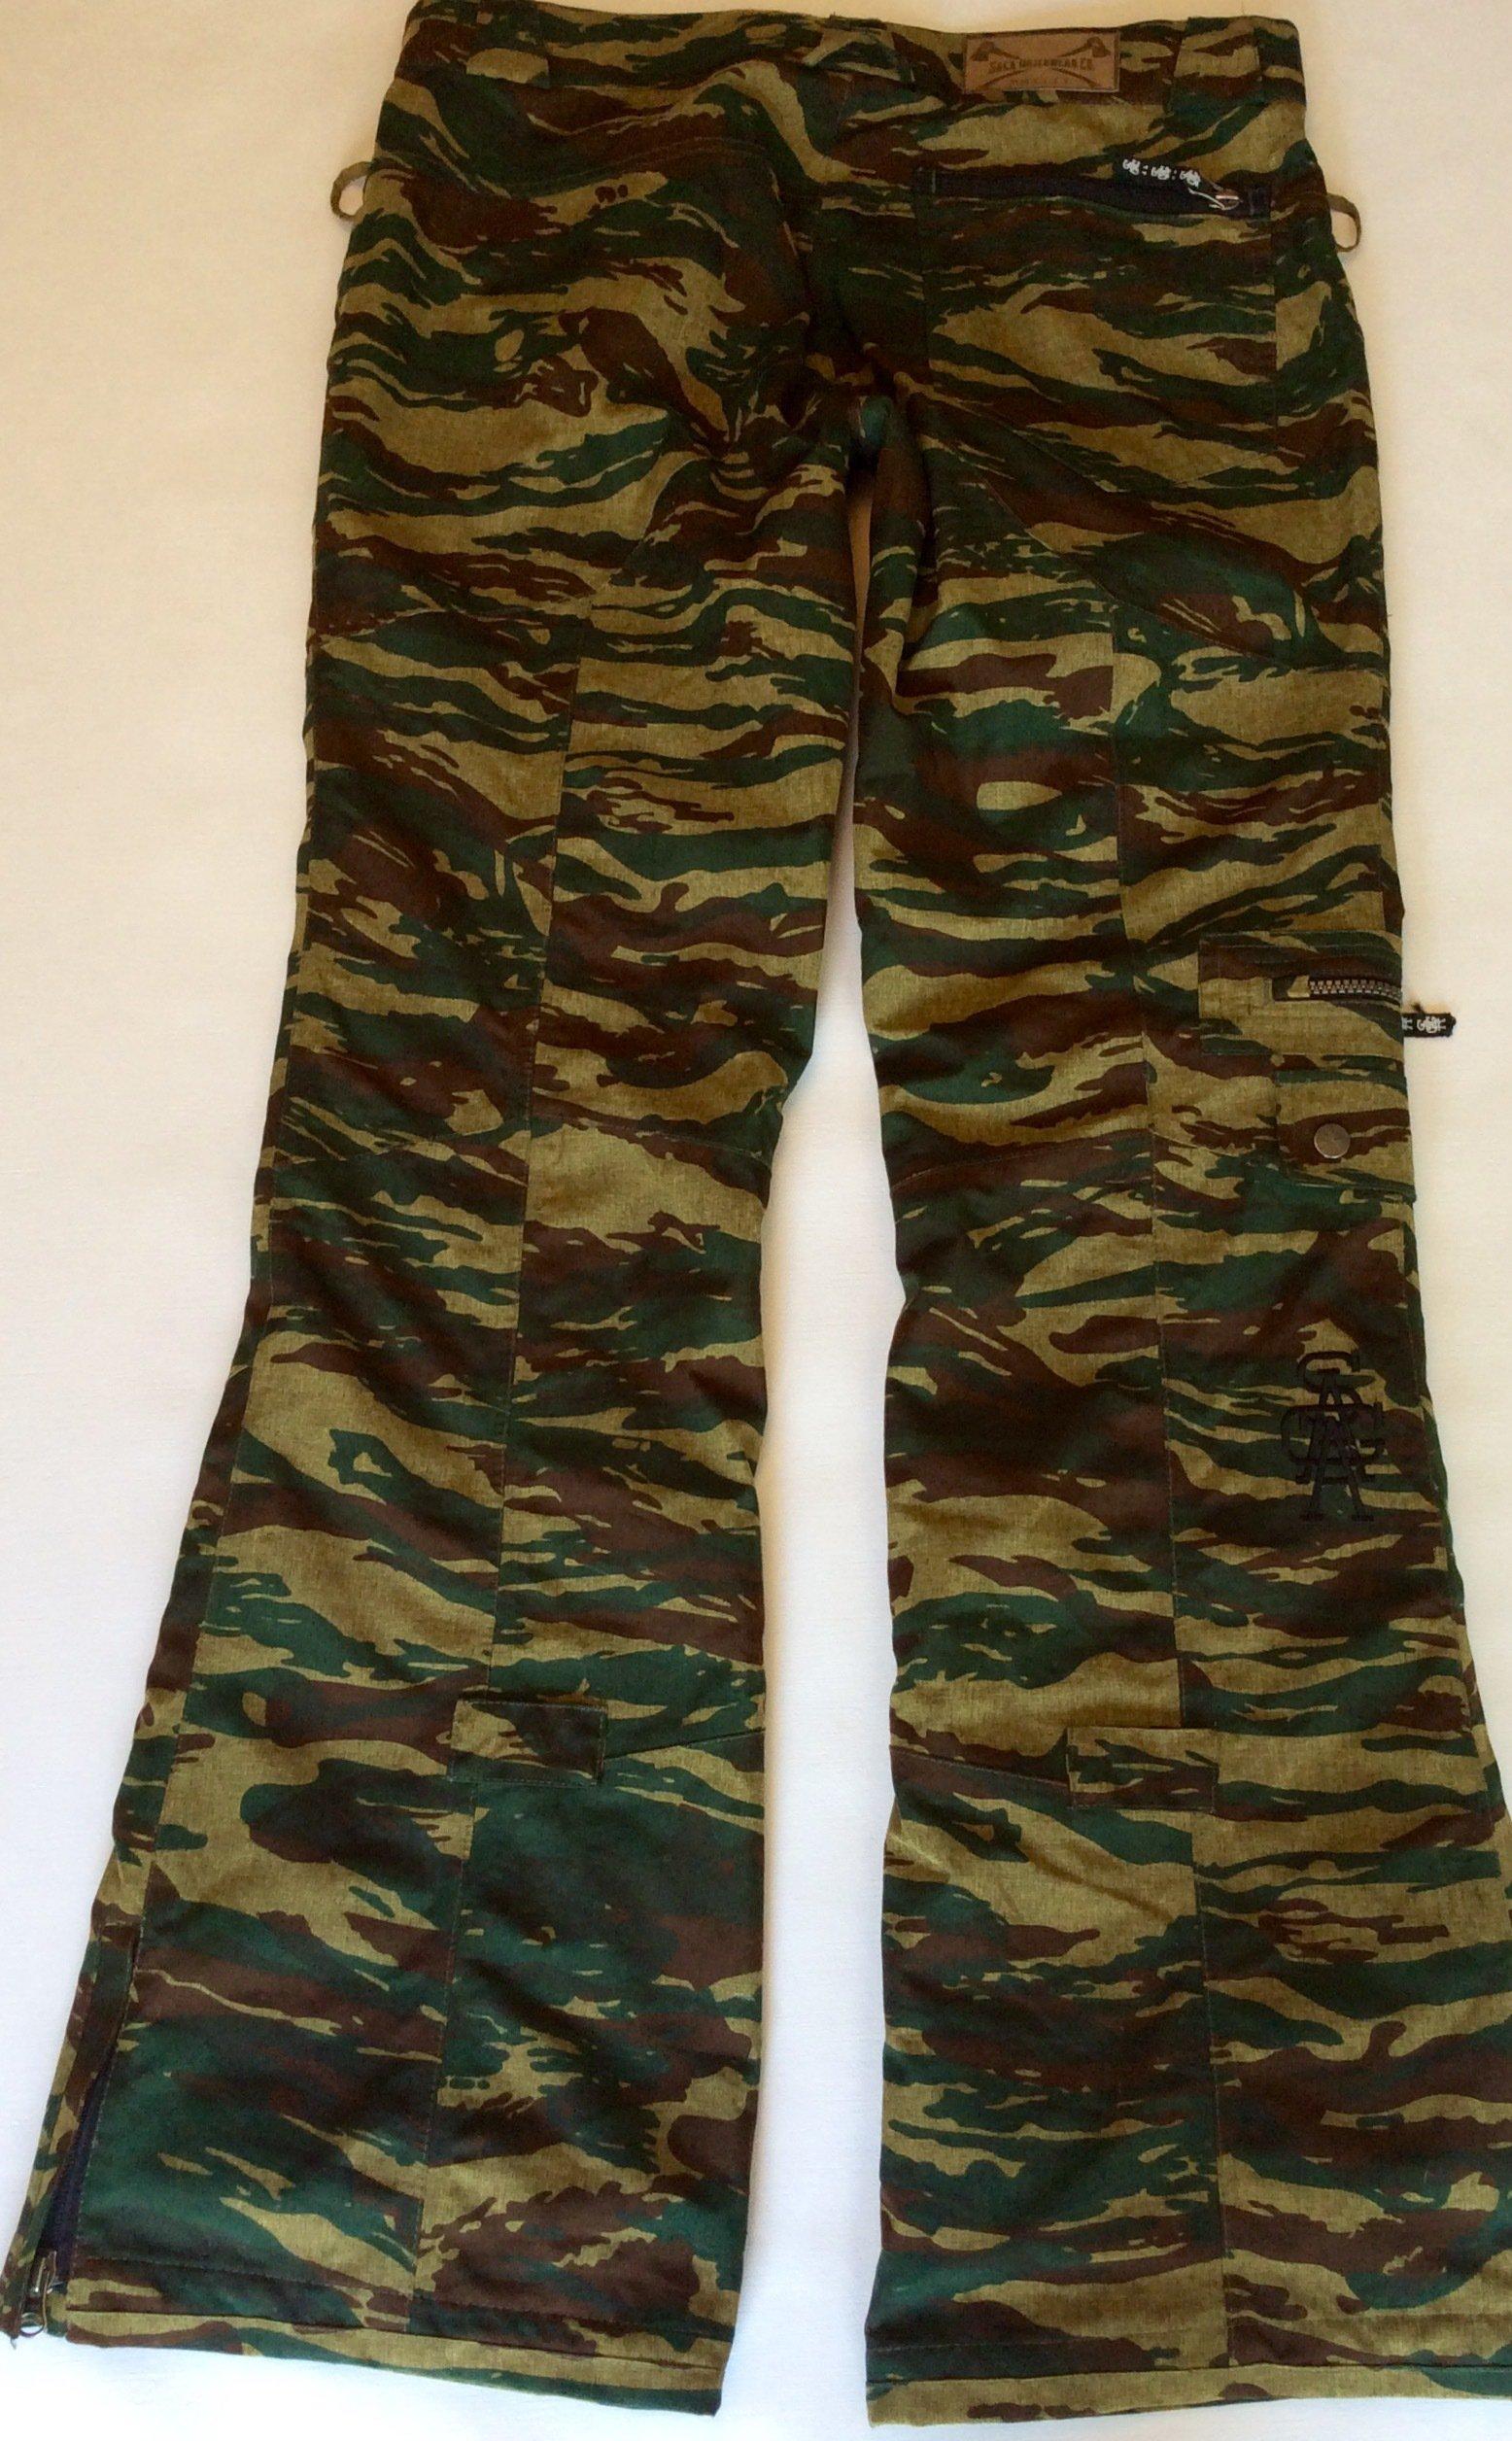 Saga outerwear Medium camo fatigues